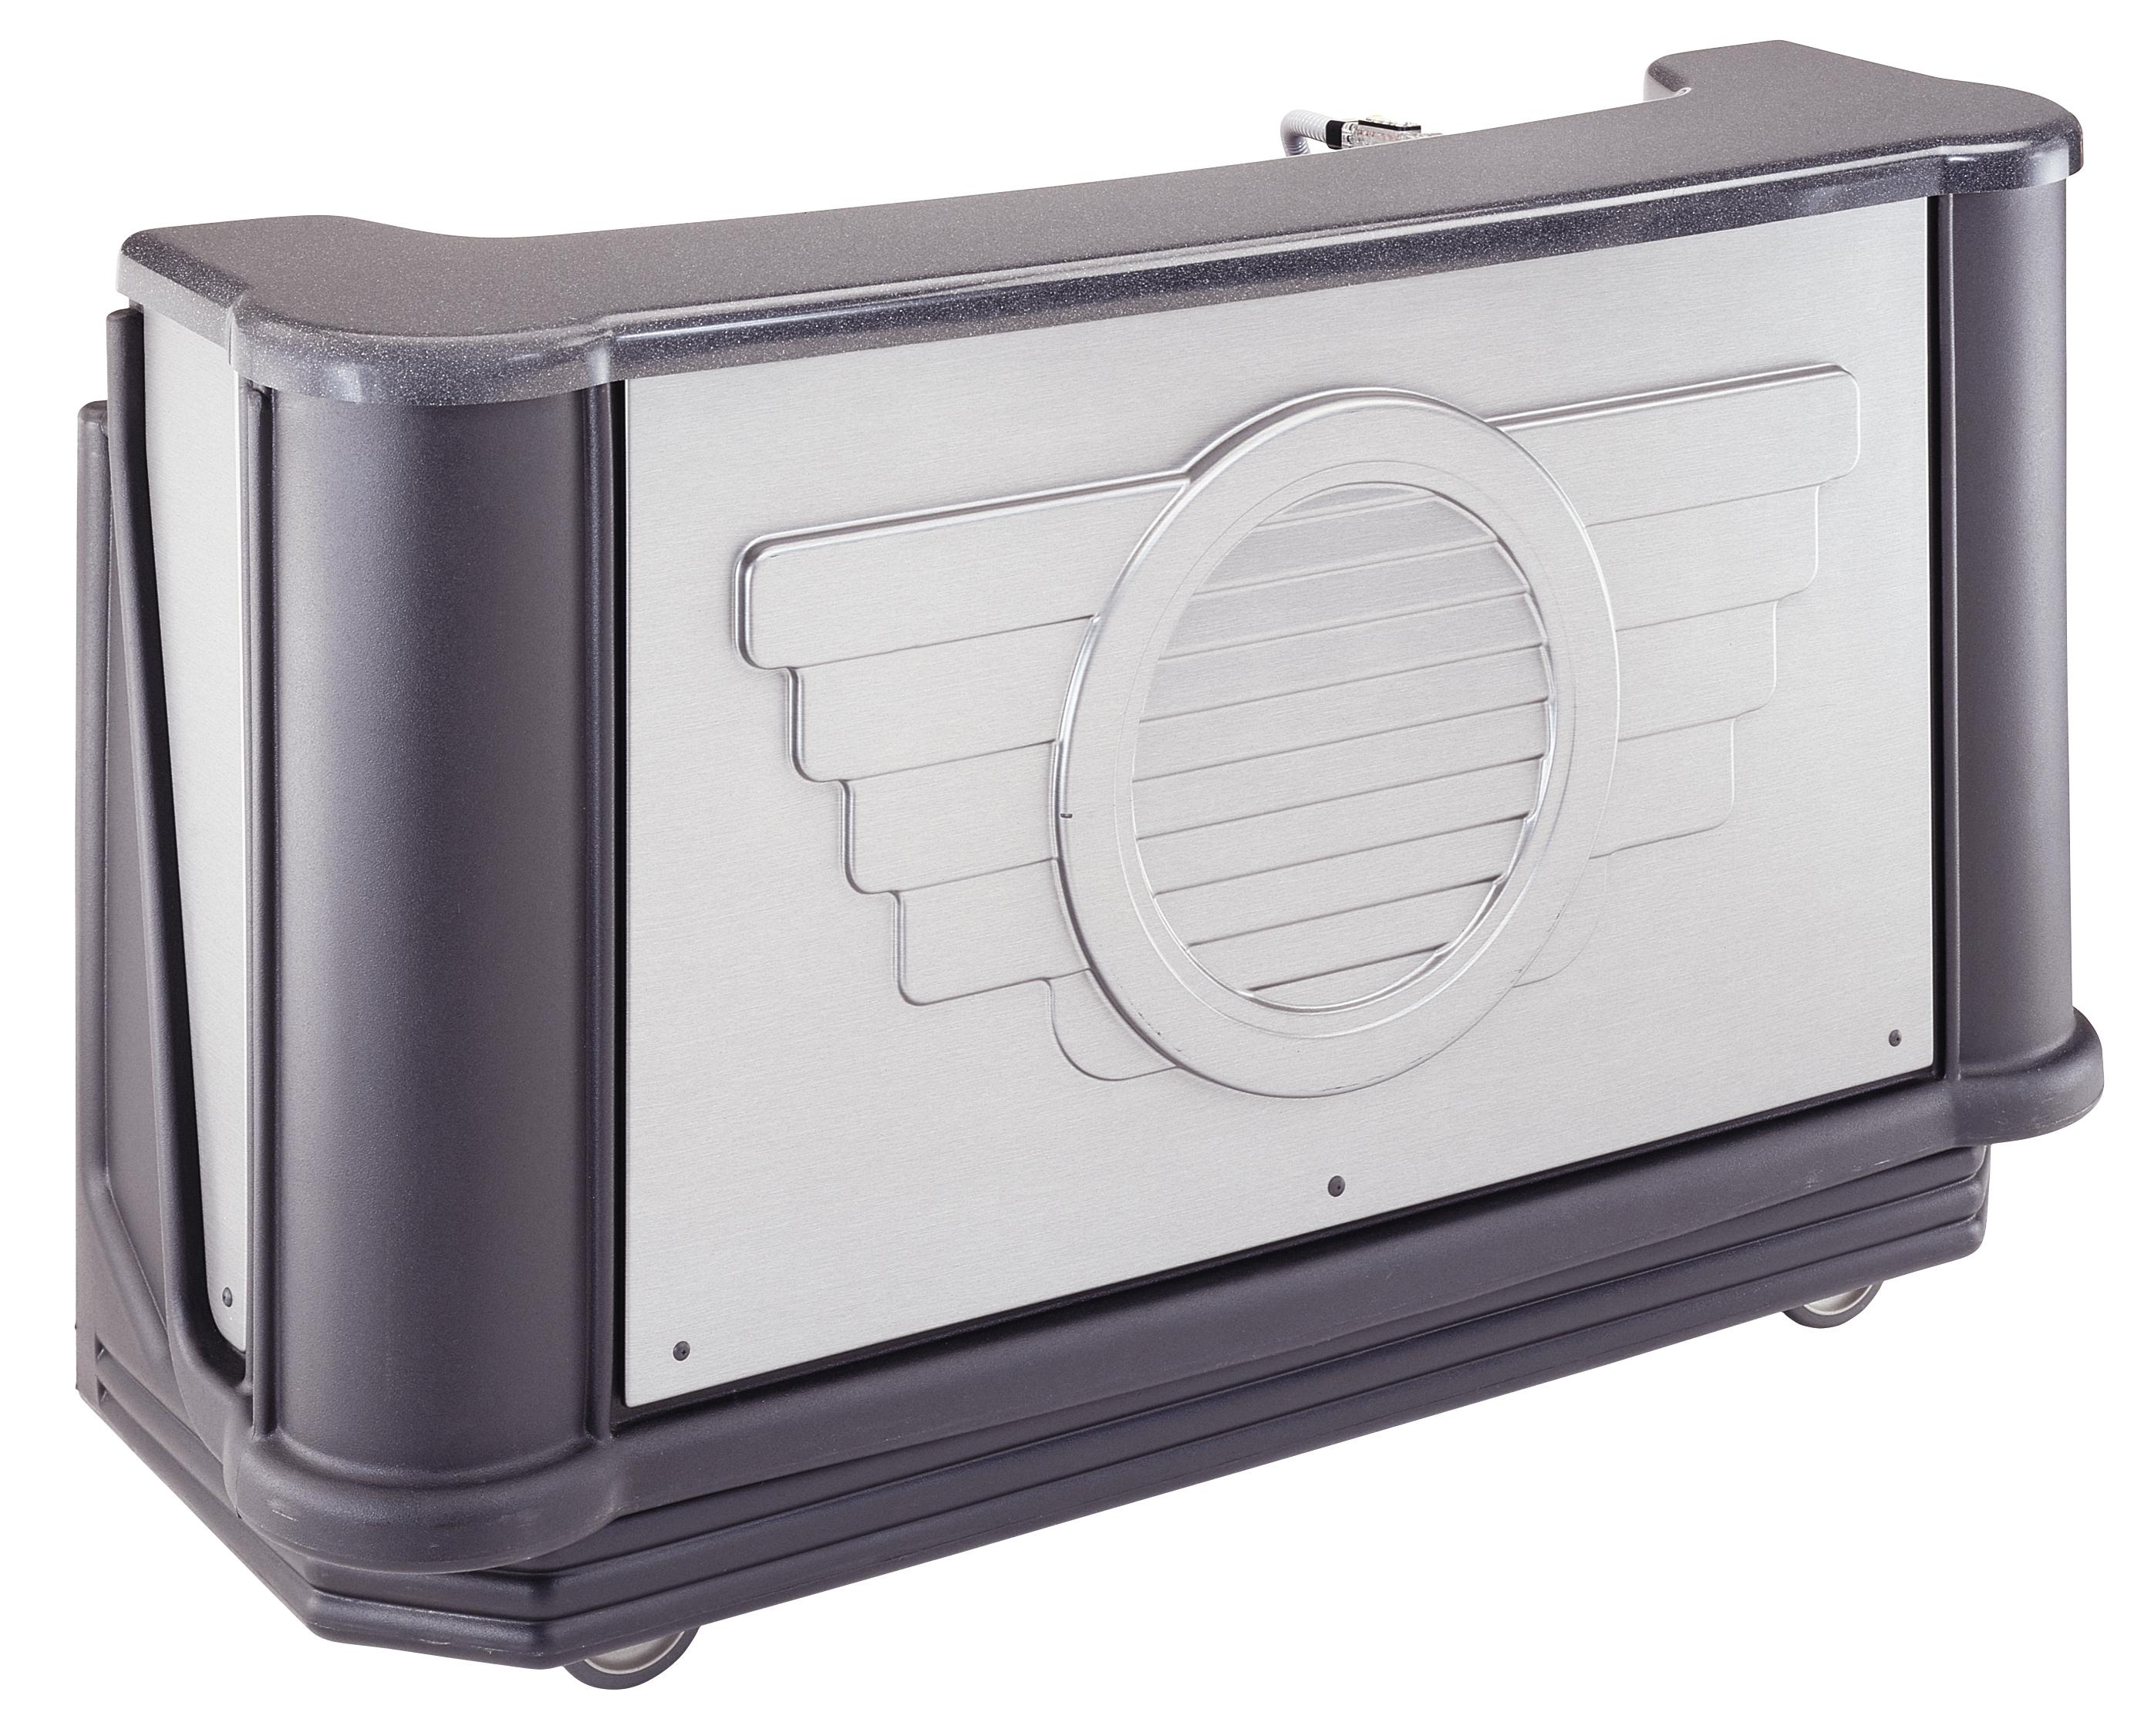 Cambro BAR730DSPMT2667 portable bar